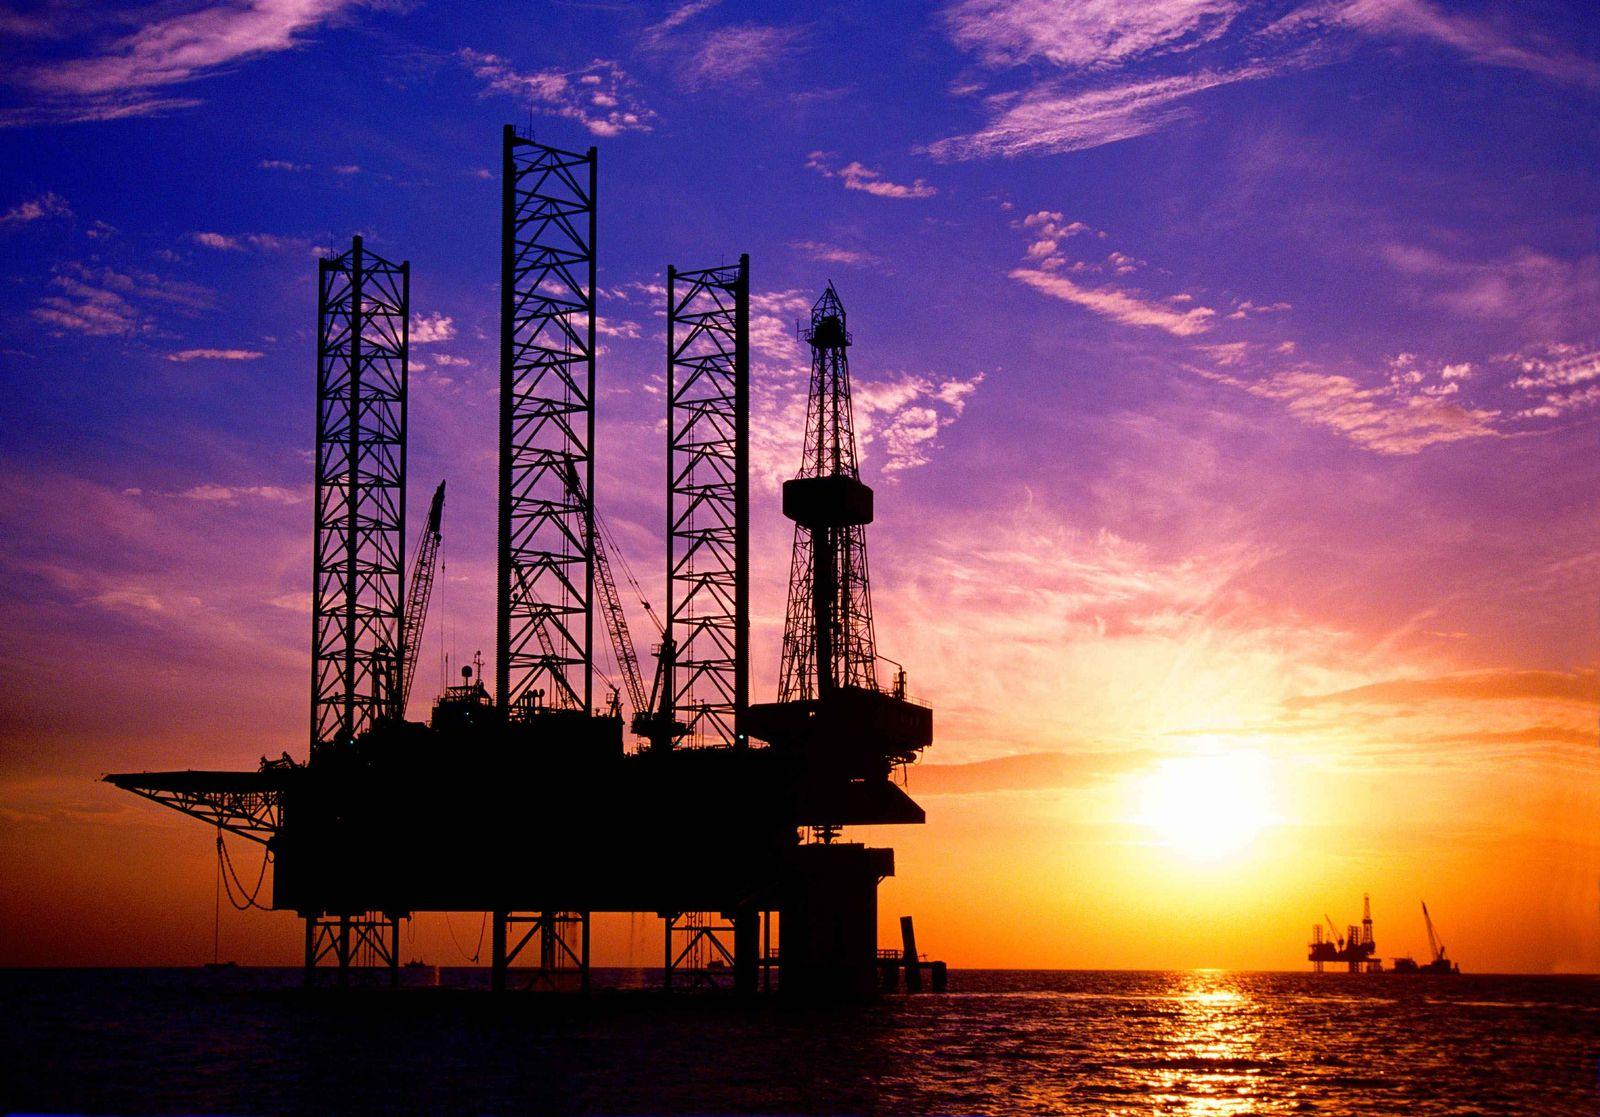 CNOOC / China / Öl / Ölplattform / Ölbohrung